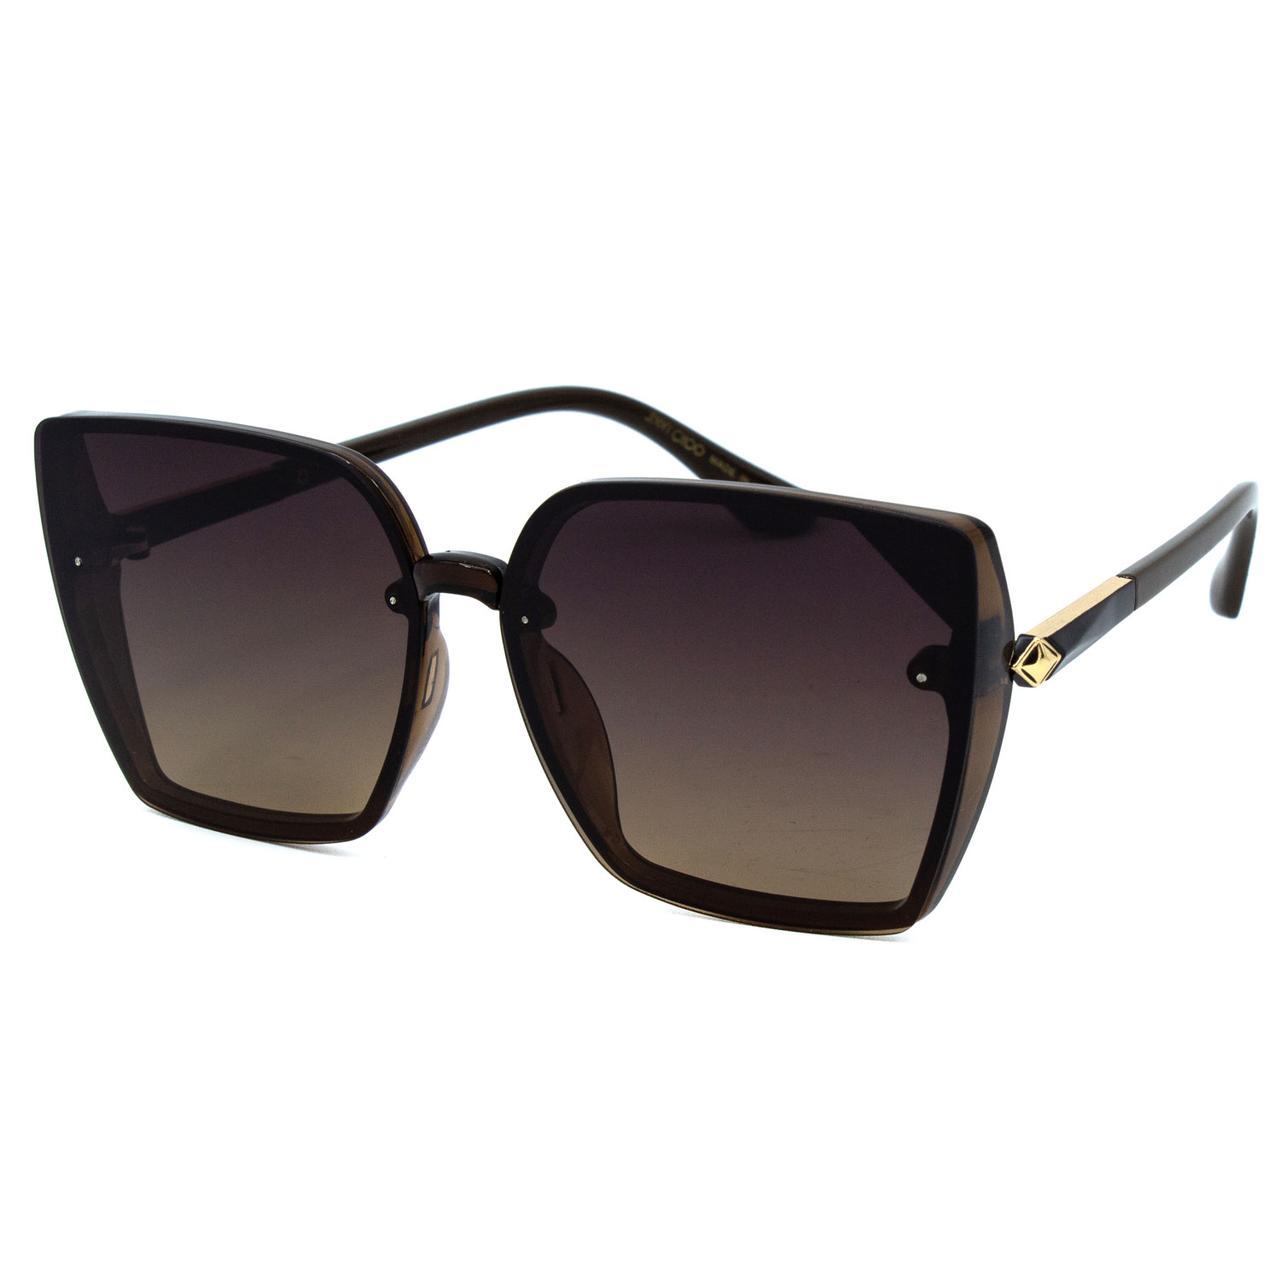 Солнцезащитные очки JC R9965 C3 коричневые     ( R9965-03 )